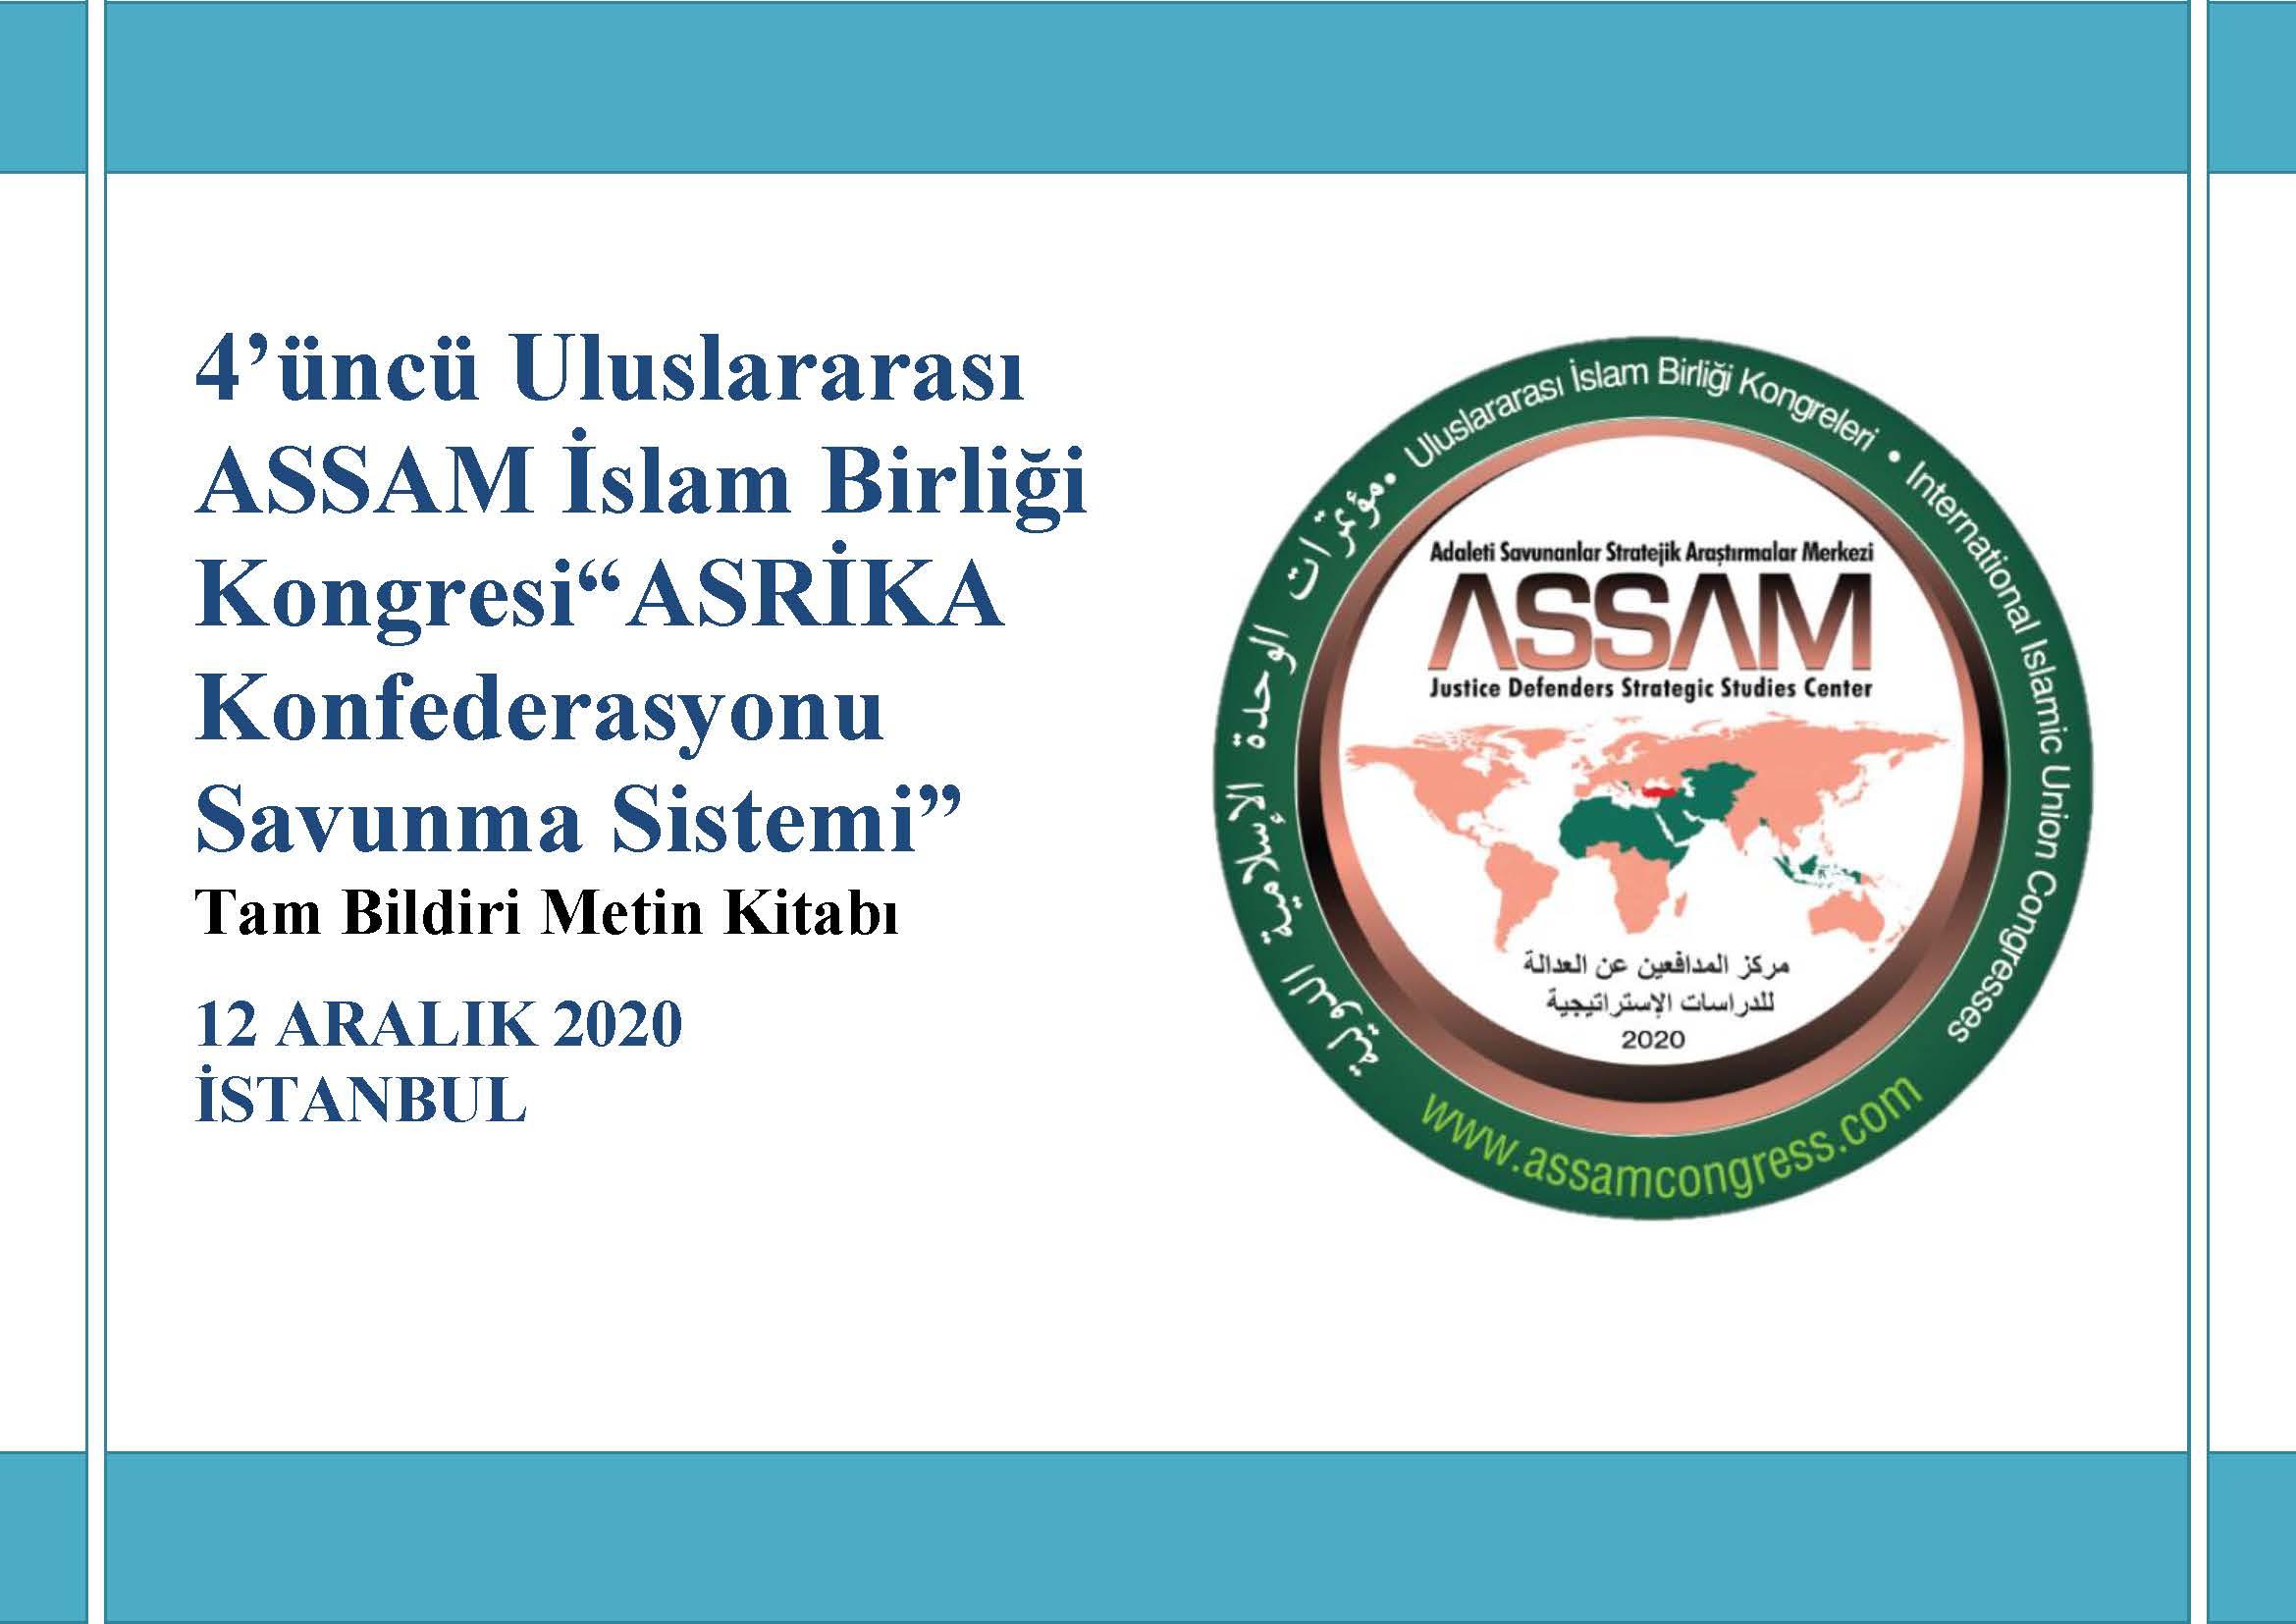 4. Uluslararası ASSAM İslam Birliği Kongresi Bildiri Kitapçığı Yayınlandı